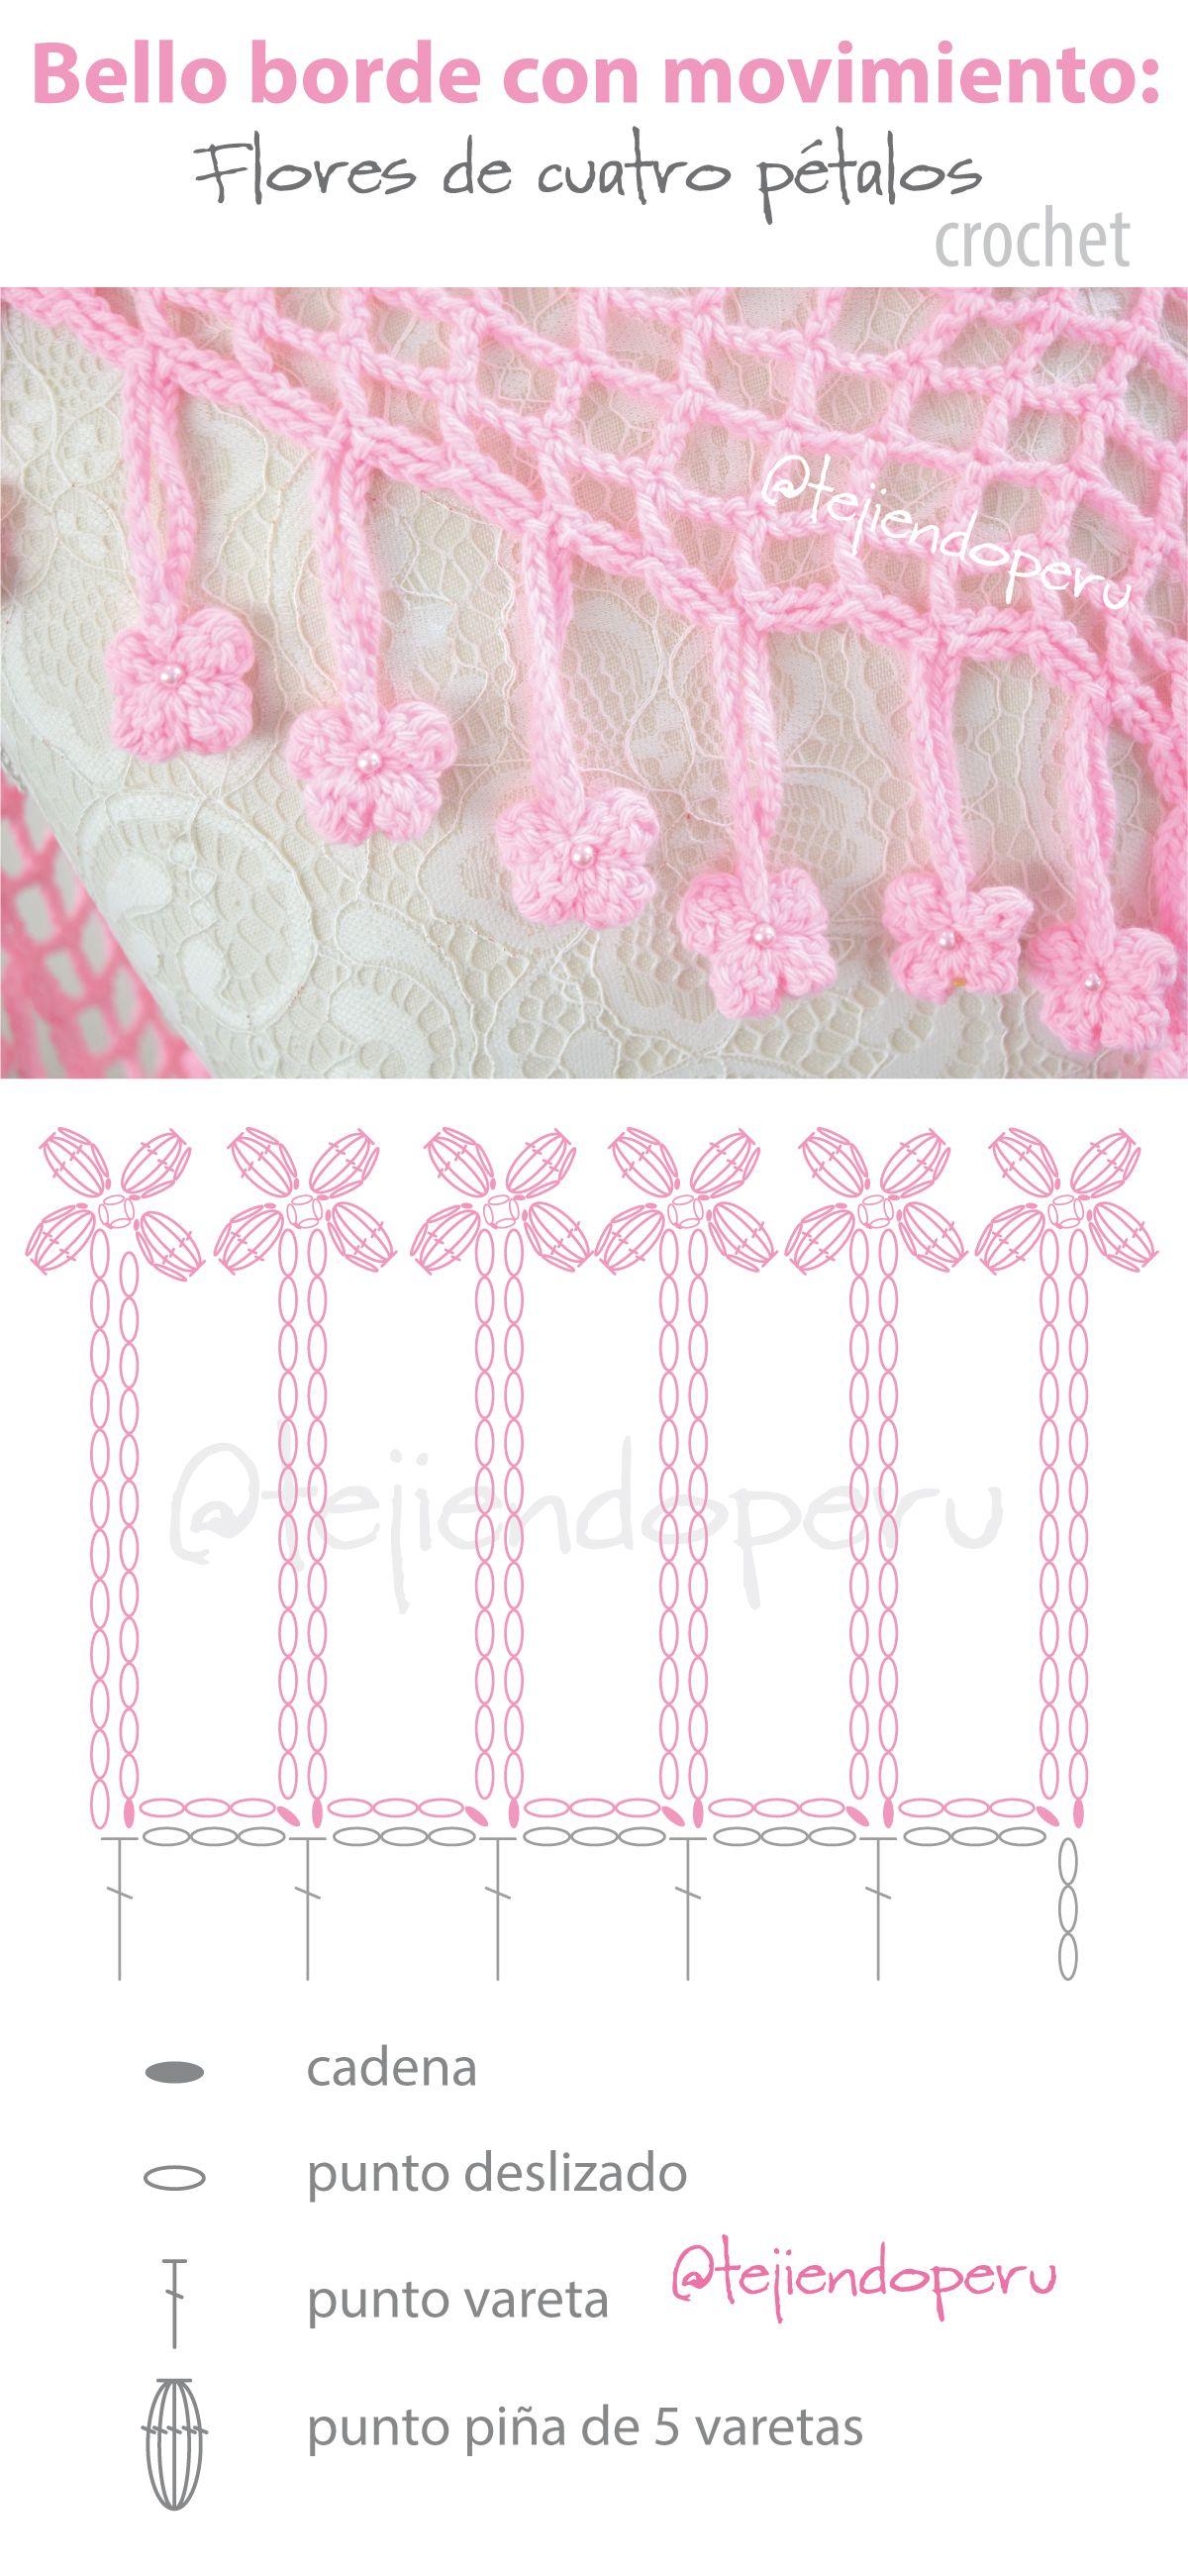 Bello borde con movimiento tejido a crochet: flores de 4 pétalos ...